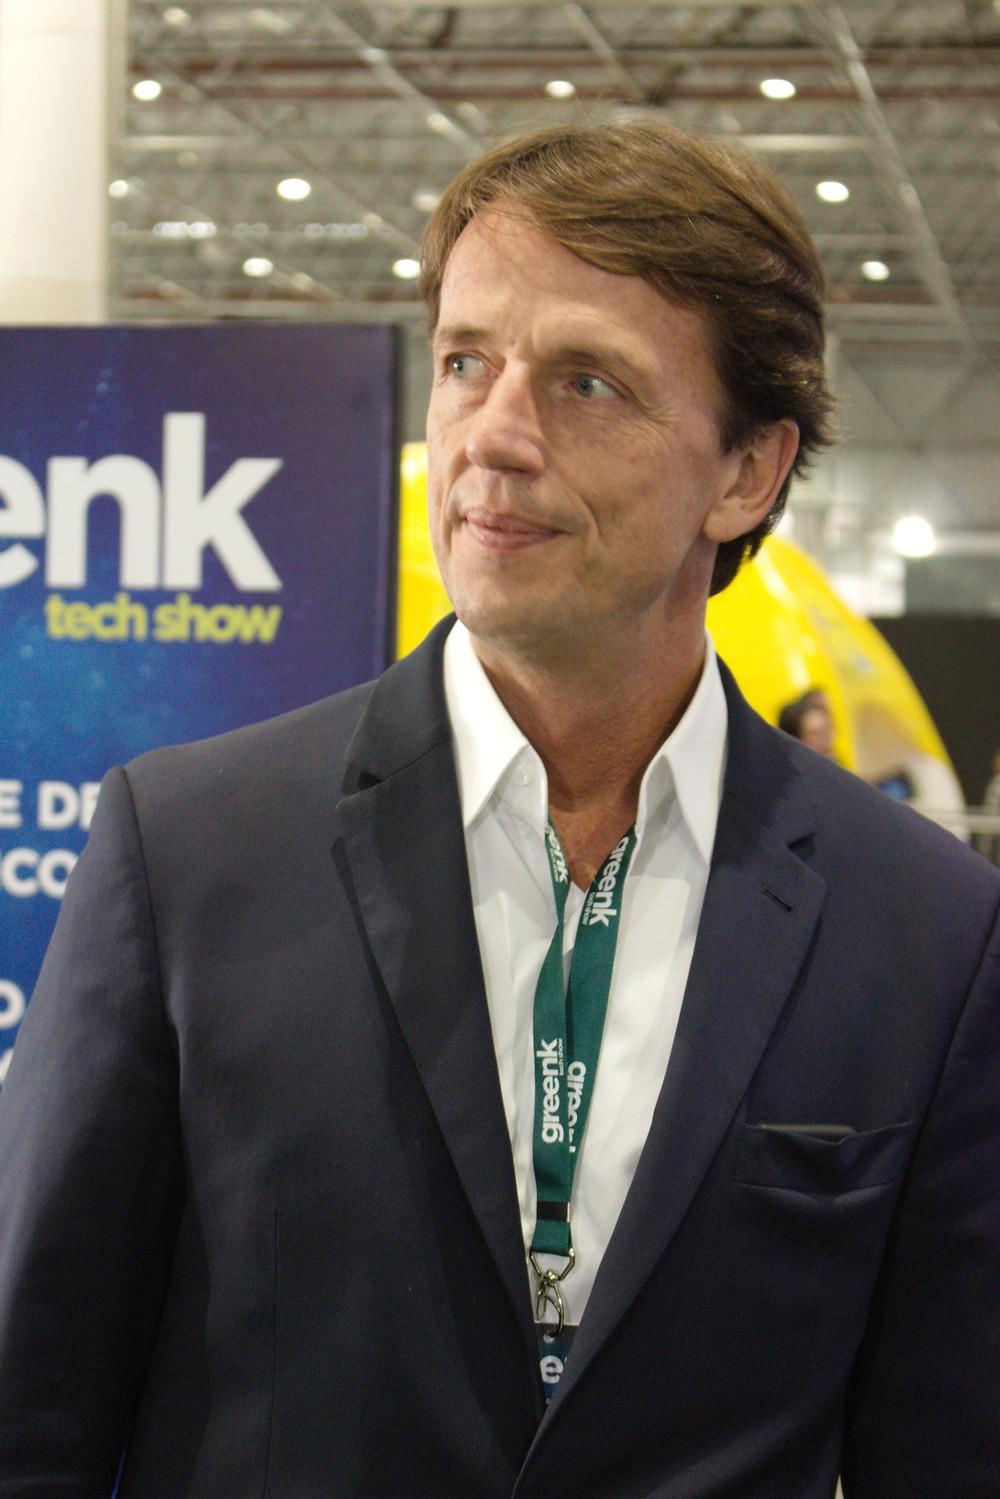 Maurício Eugênio é um dos fundadores do Greenk Tech Show, bem como agente publicitário e dono de sua própria agência